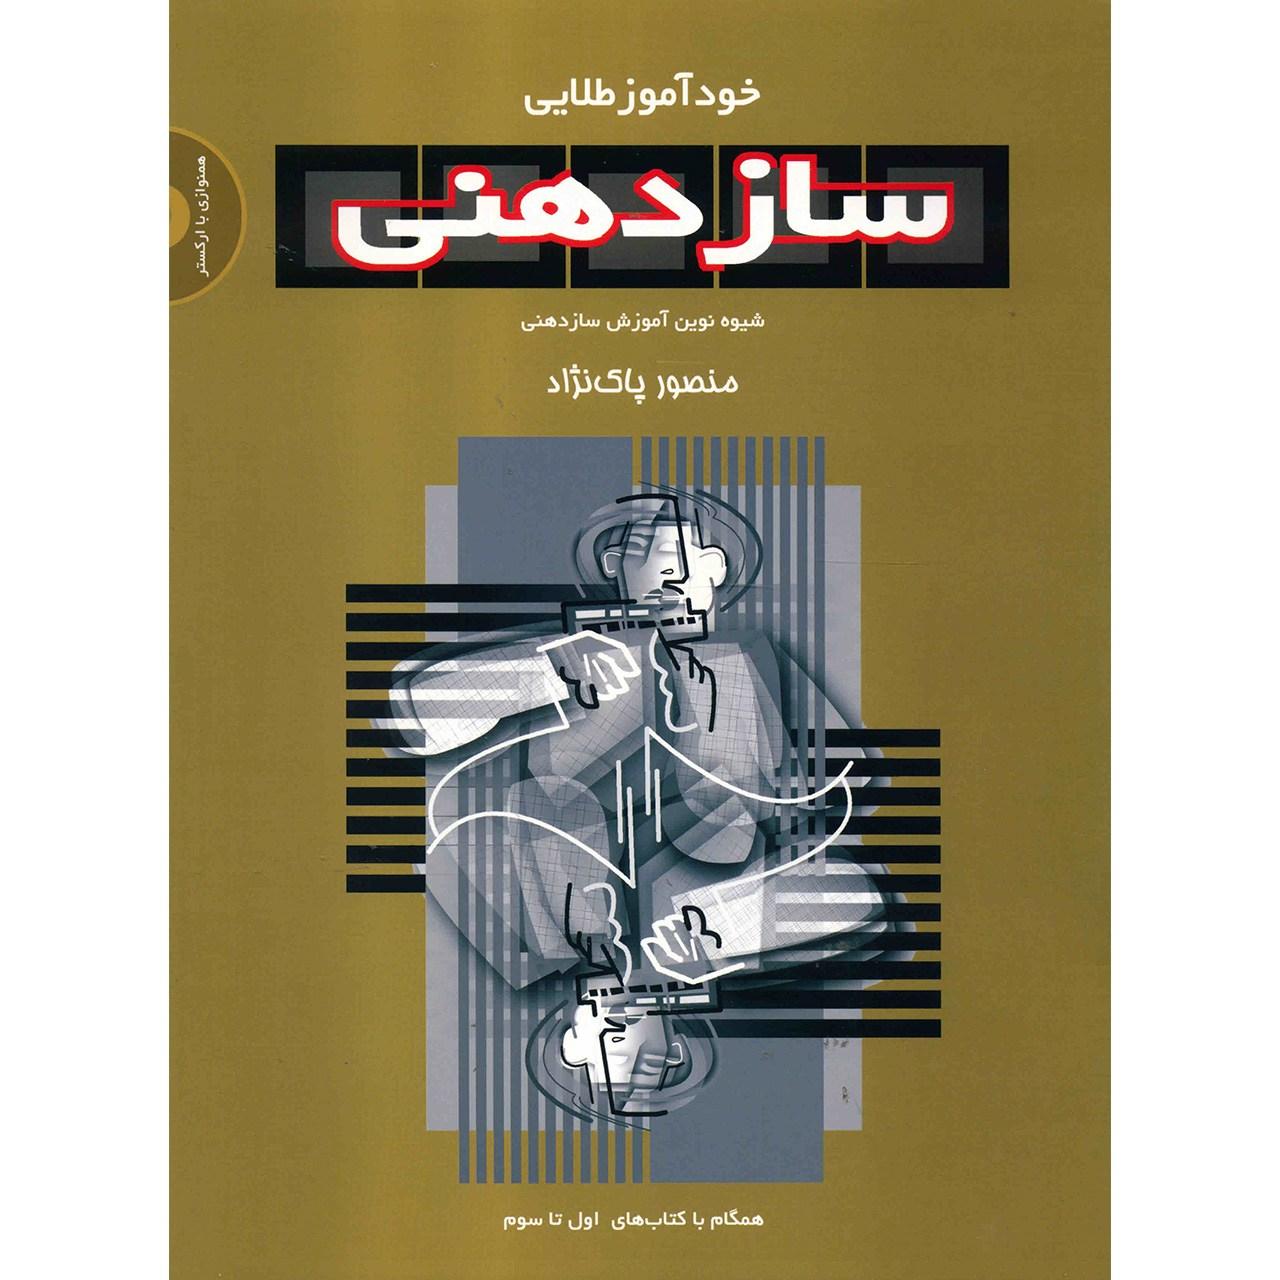 خرید                      کتاب خود آموز طلایی سازدهنی اثر منصور پاک نژاد